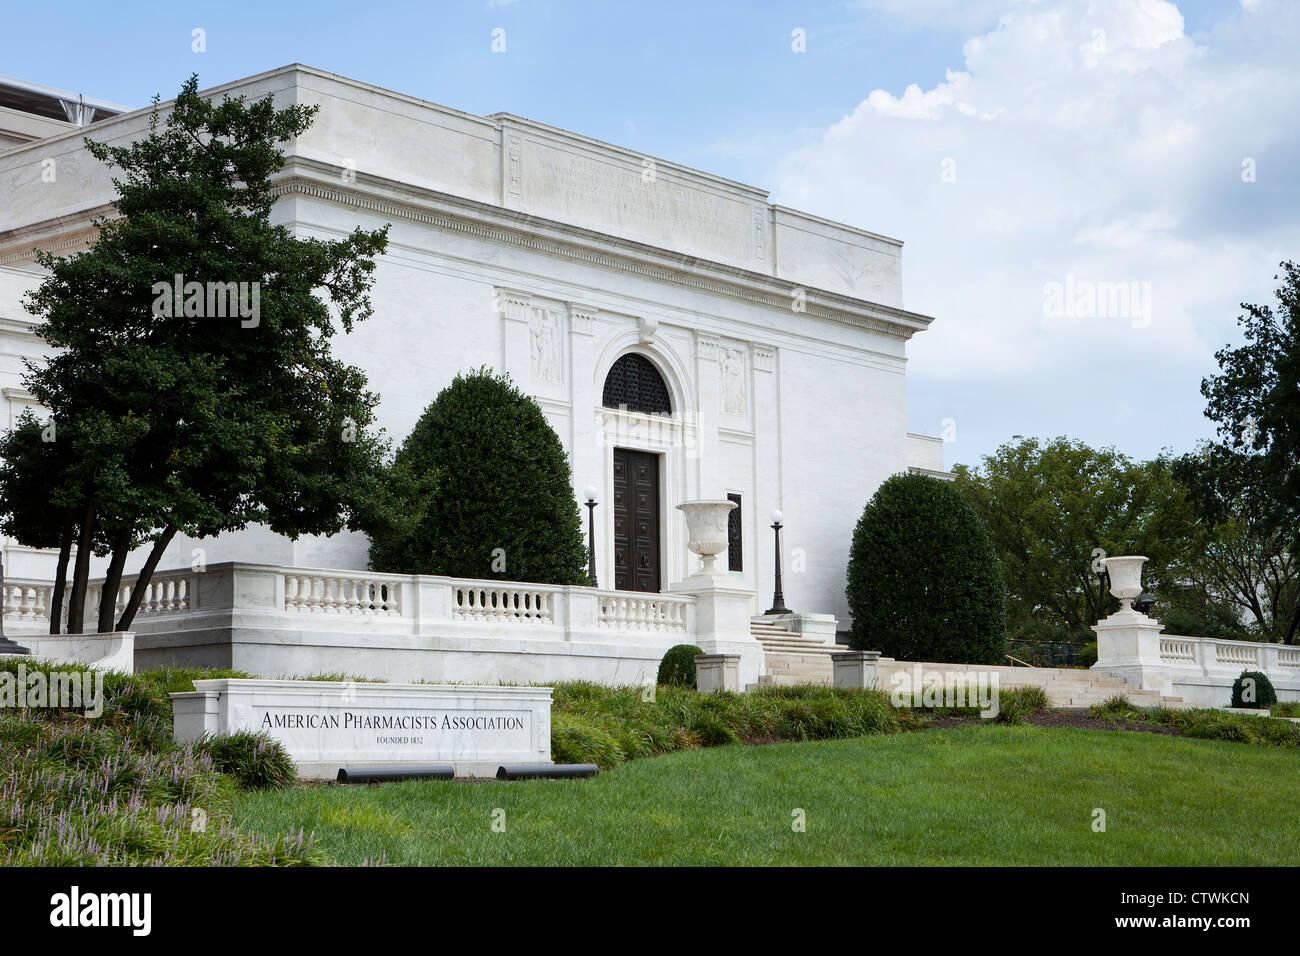 La Asociación de Farmacéuticos de Americanos, Washington, D.C. Imagen De Stock